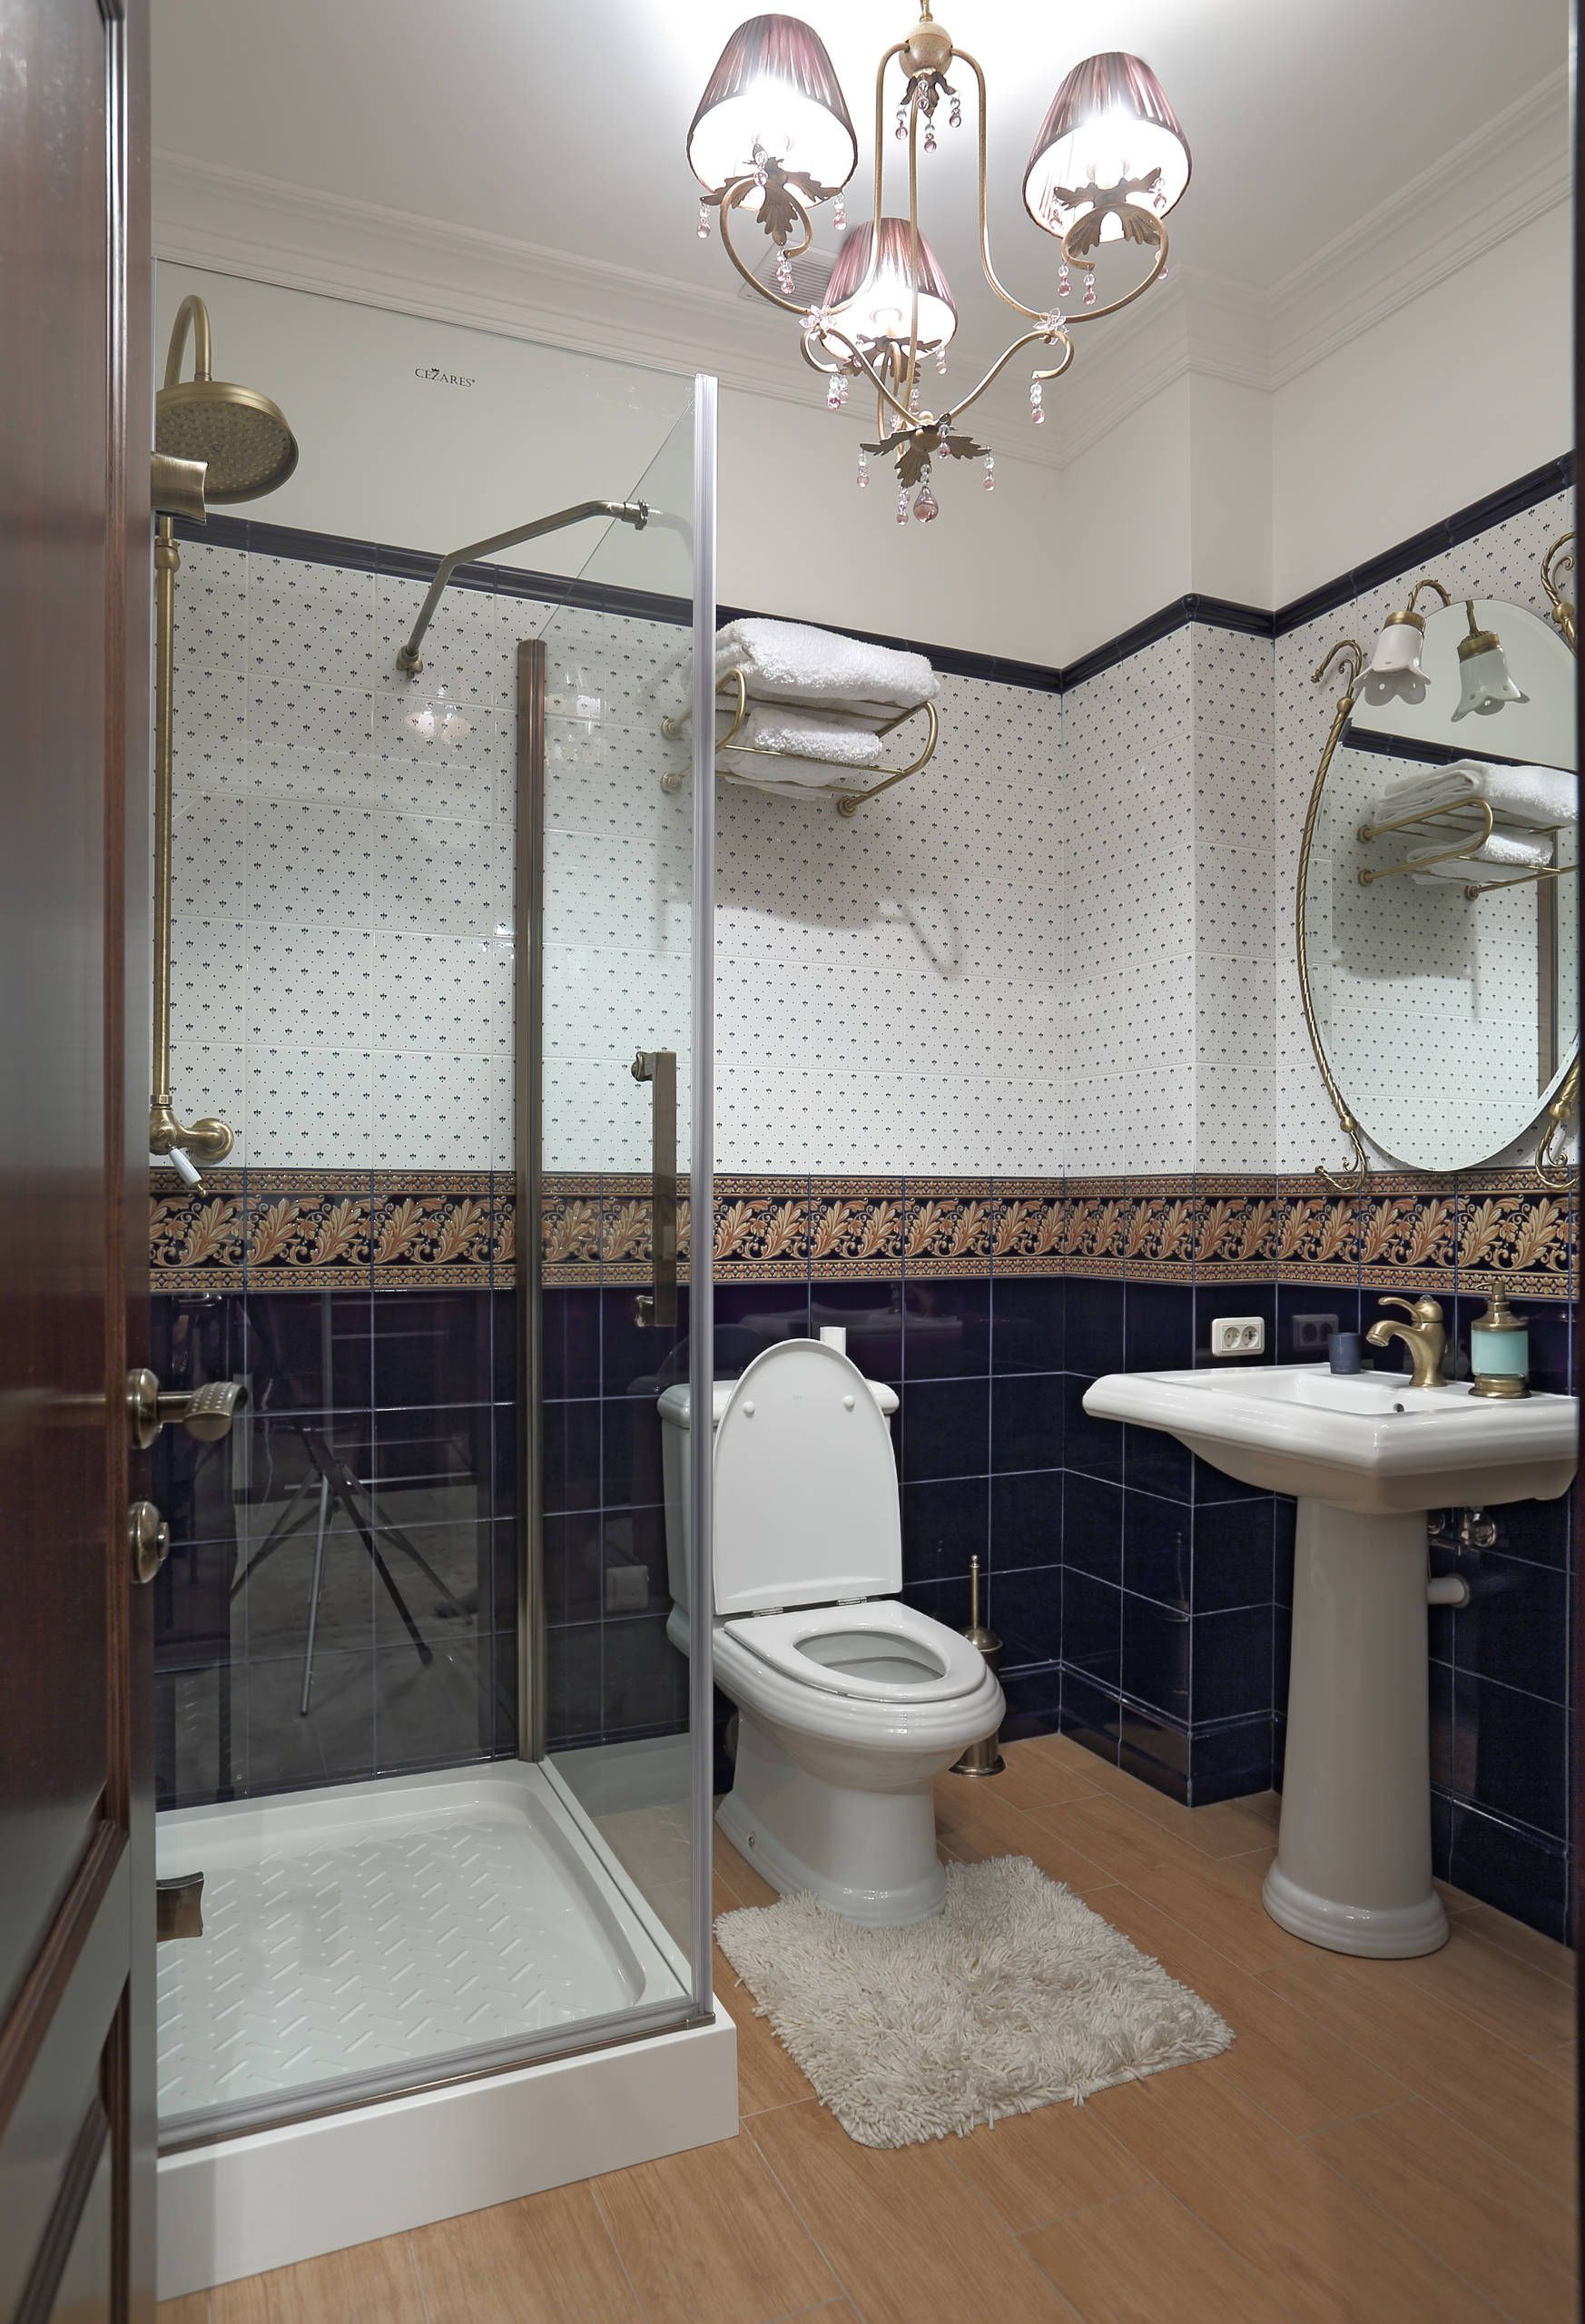 100 современных идей дизайна: душевые кабины в ванной на ...